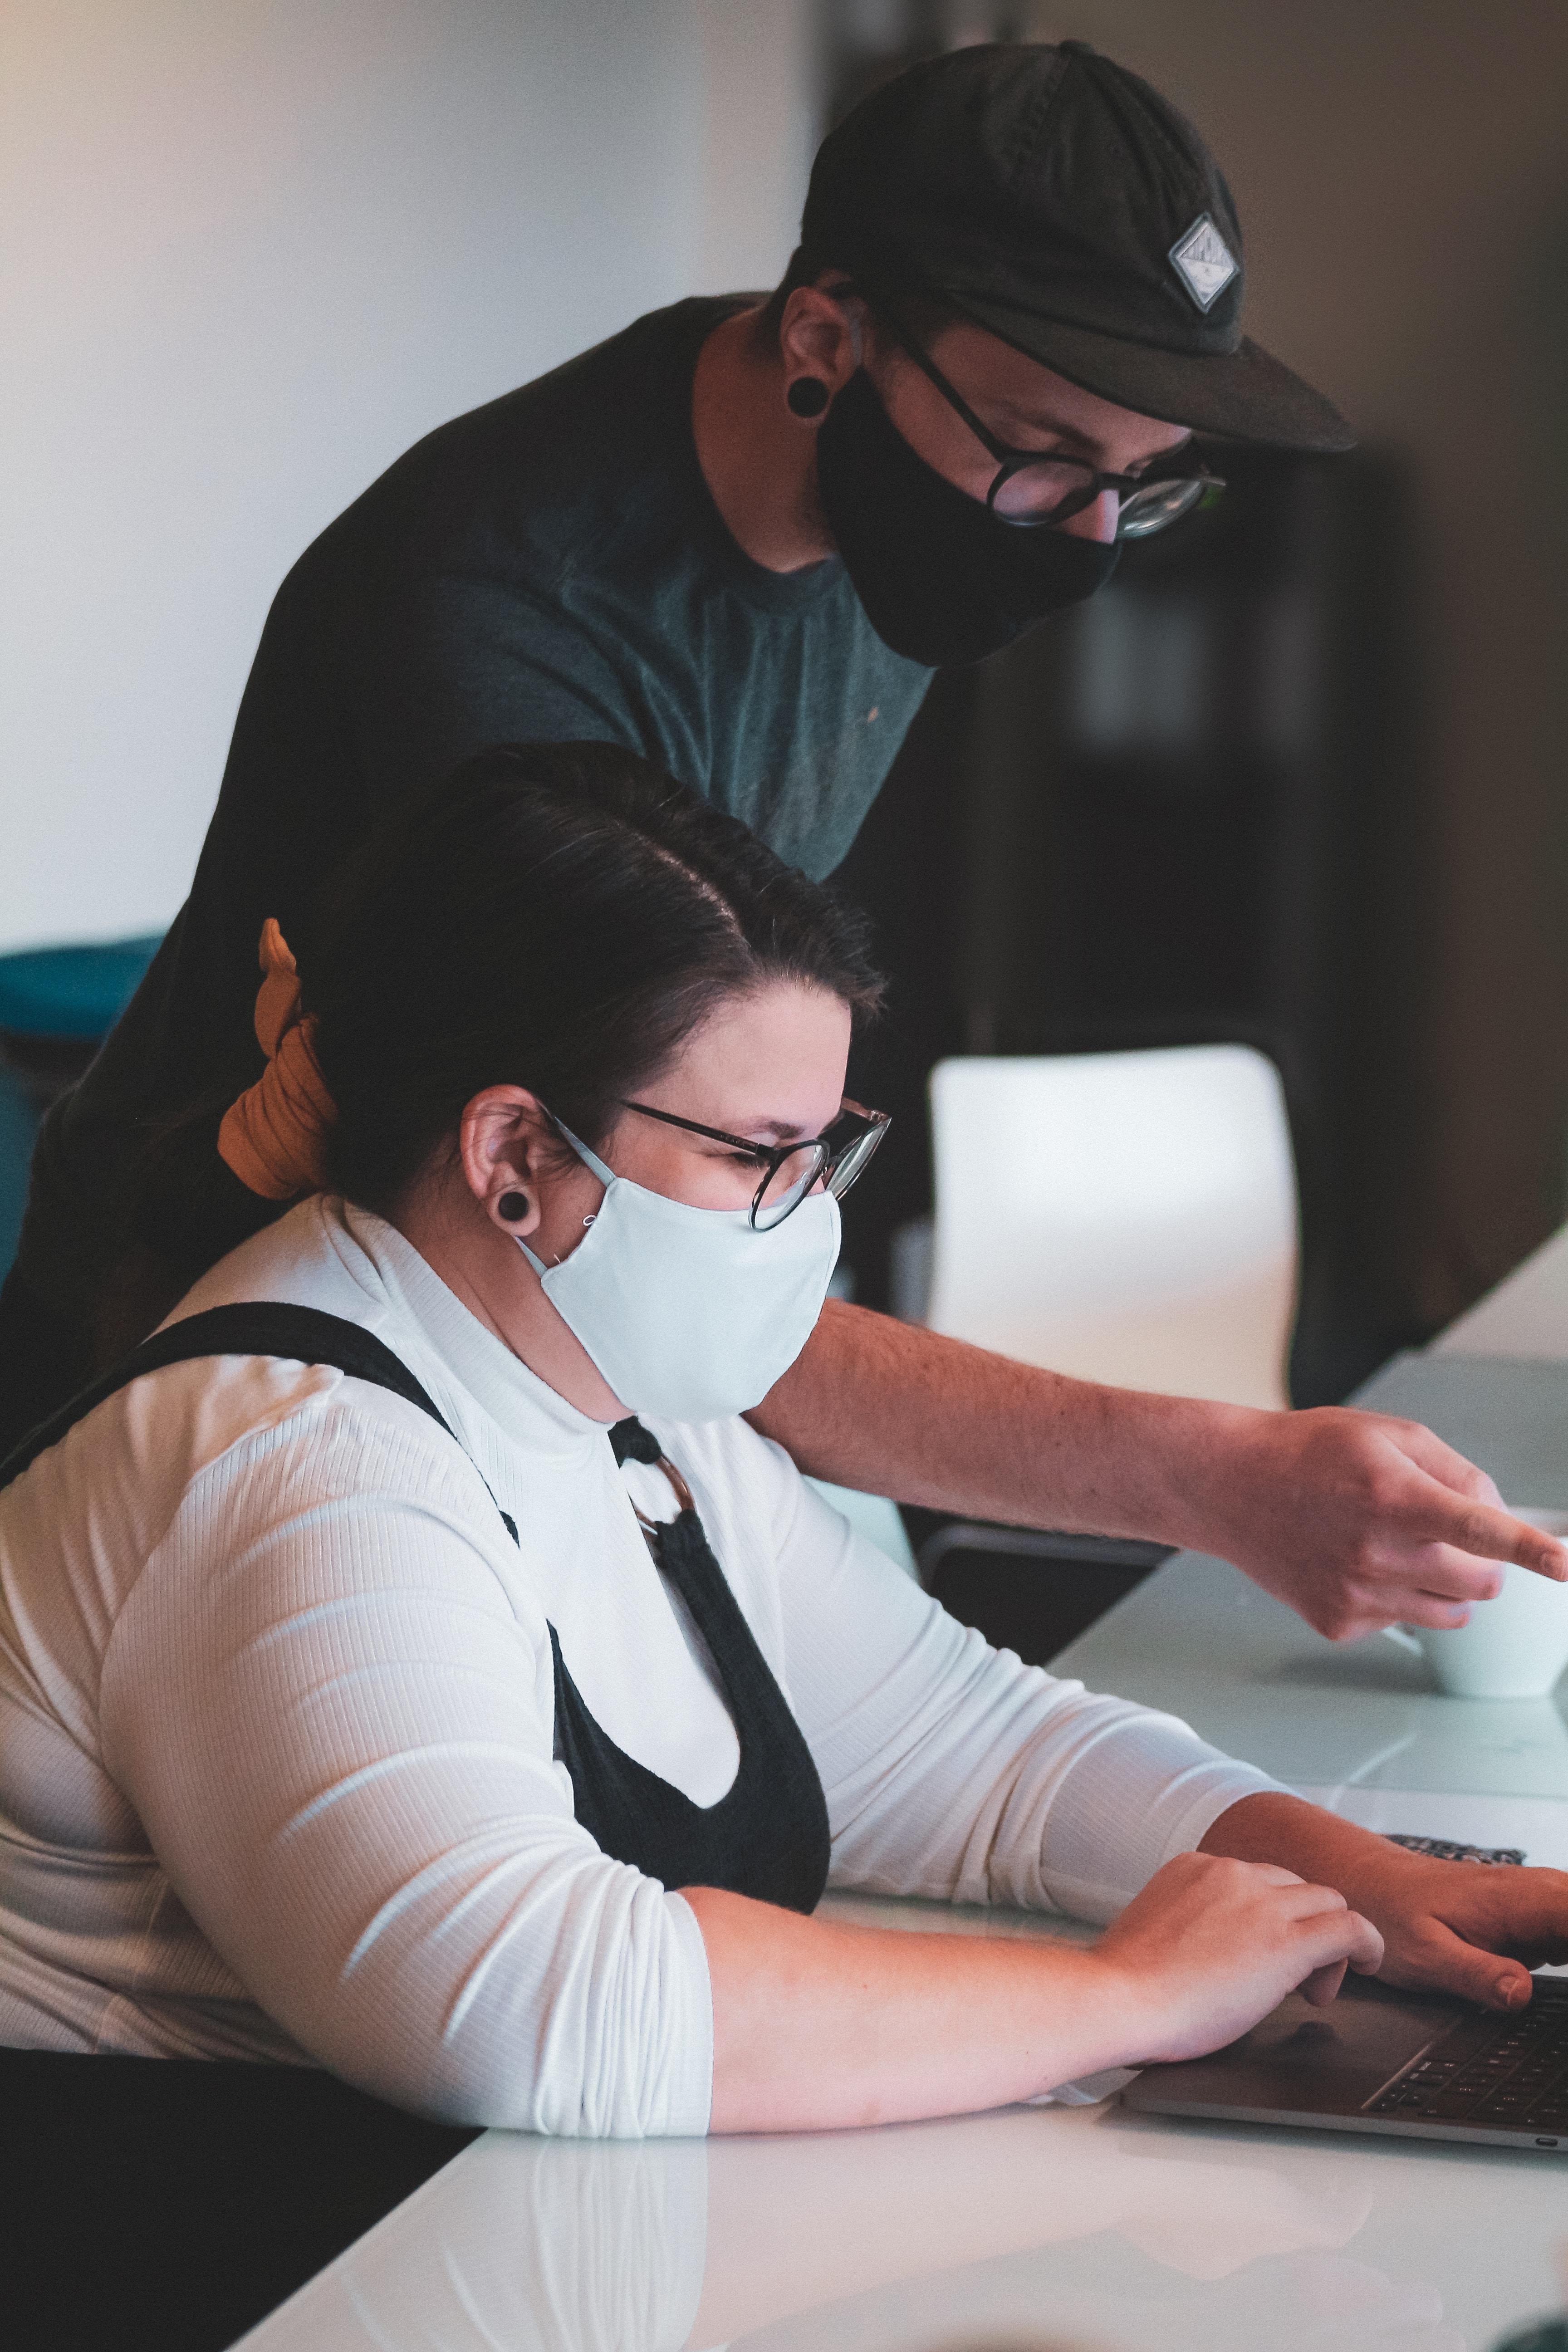 Pour nos visionnaires, stratèges et technophiles, chacune des actions posées dans un projet doit générer une valeur réelle pour vous et créer un impact significatif chez vos clients. Et on a ben du fun à le faire, même avec des masques!